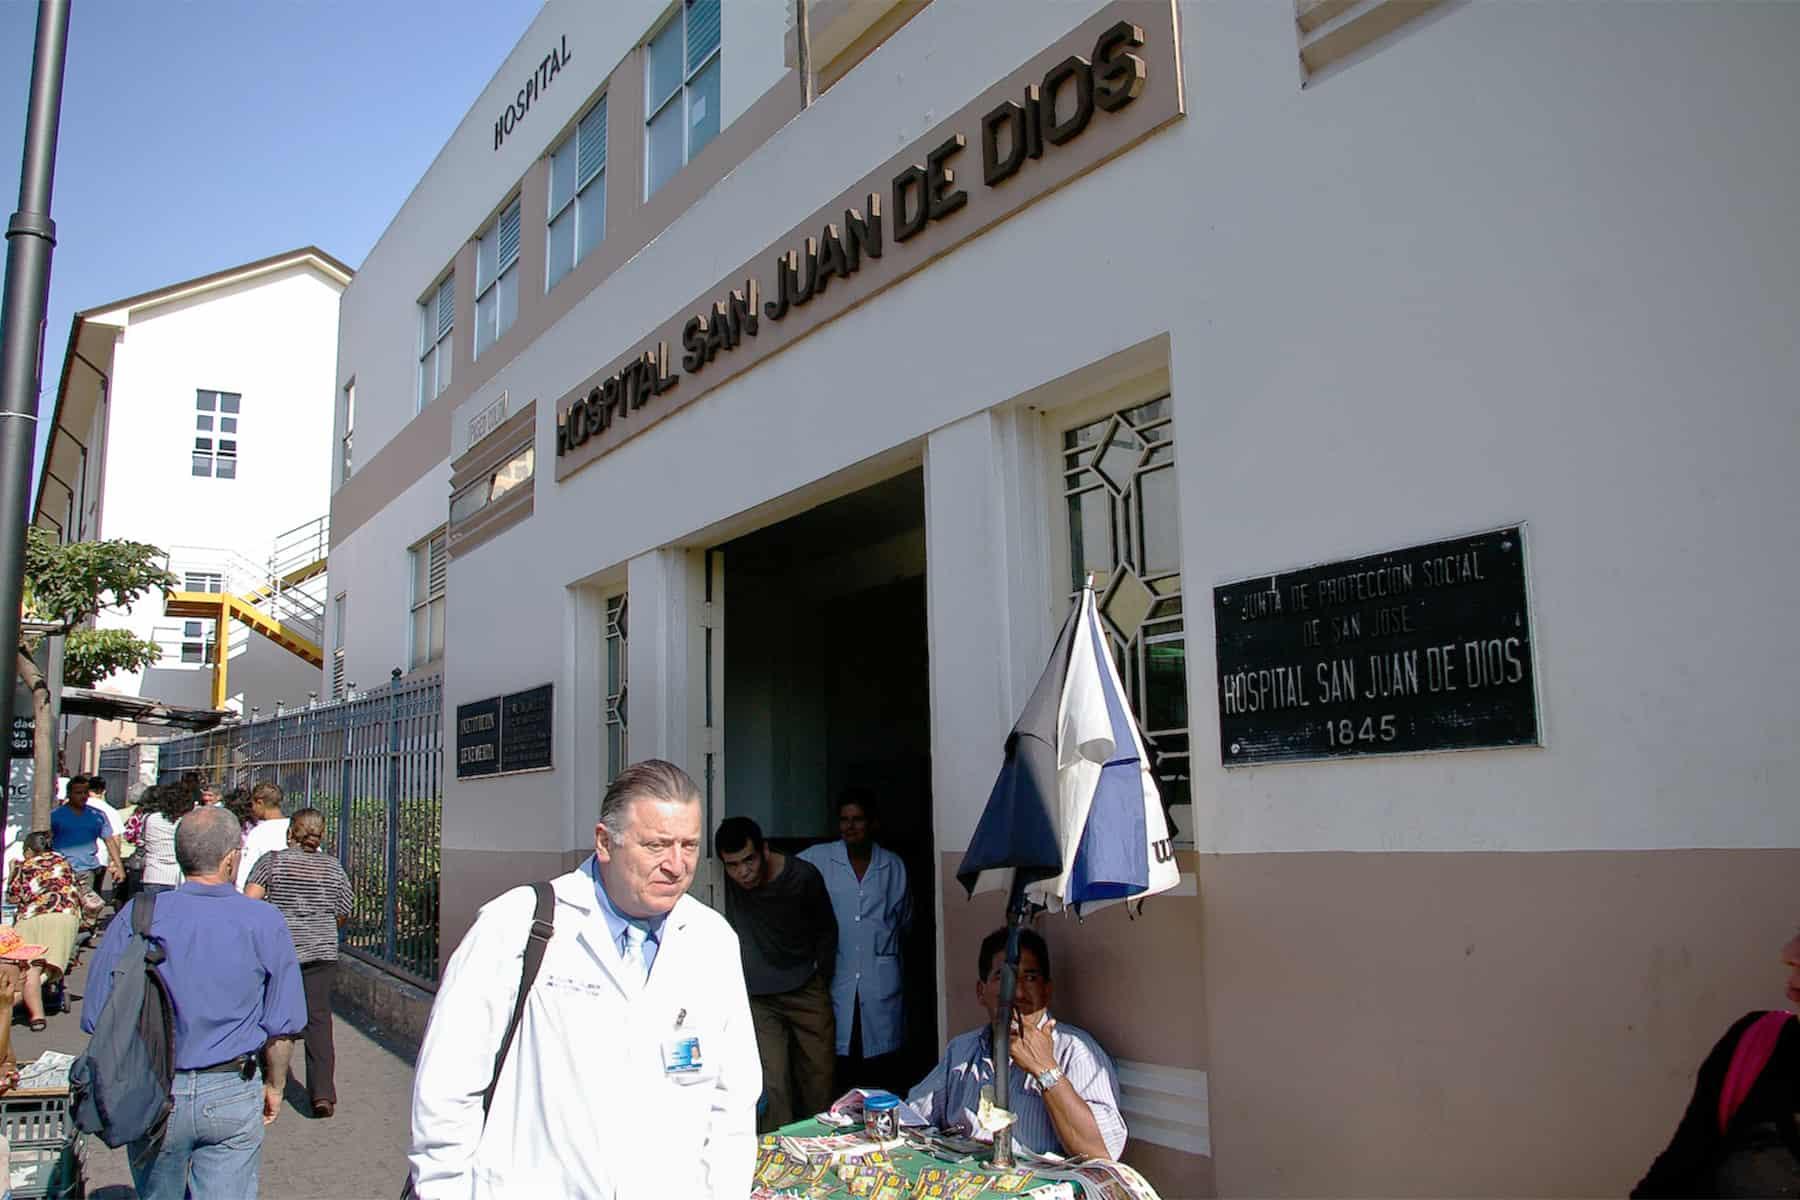 San Juan de Dios Hospital, San José